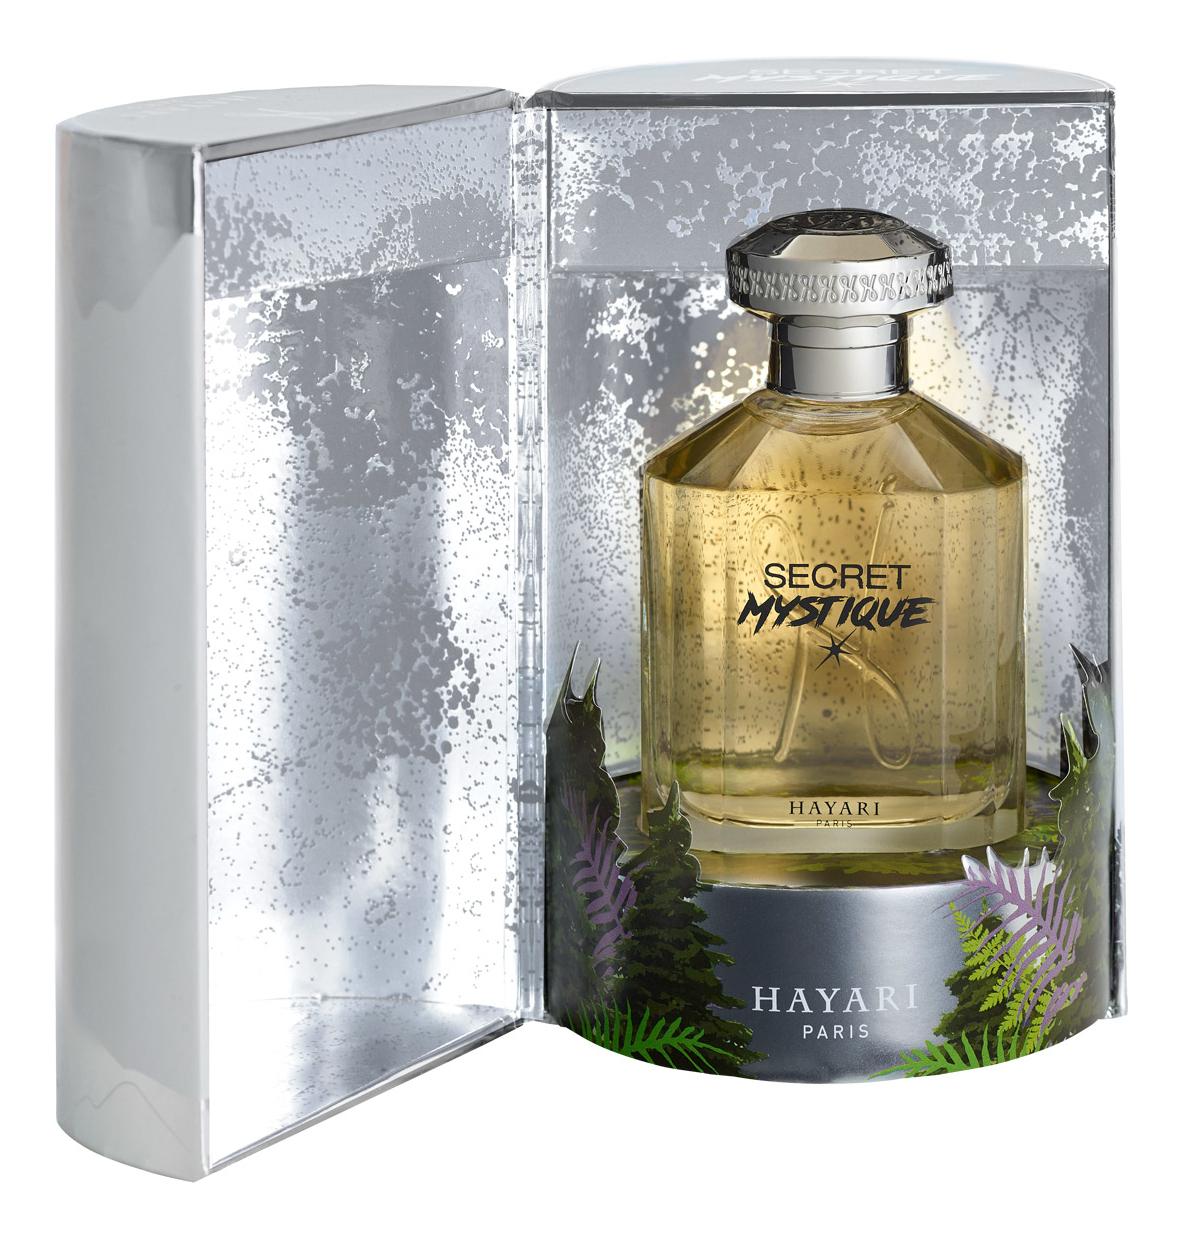 Купить Secret Mystique: парфюмерная вода 70мл, Hayari Parfums